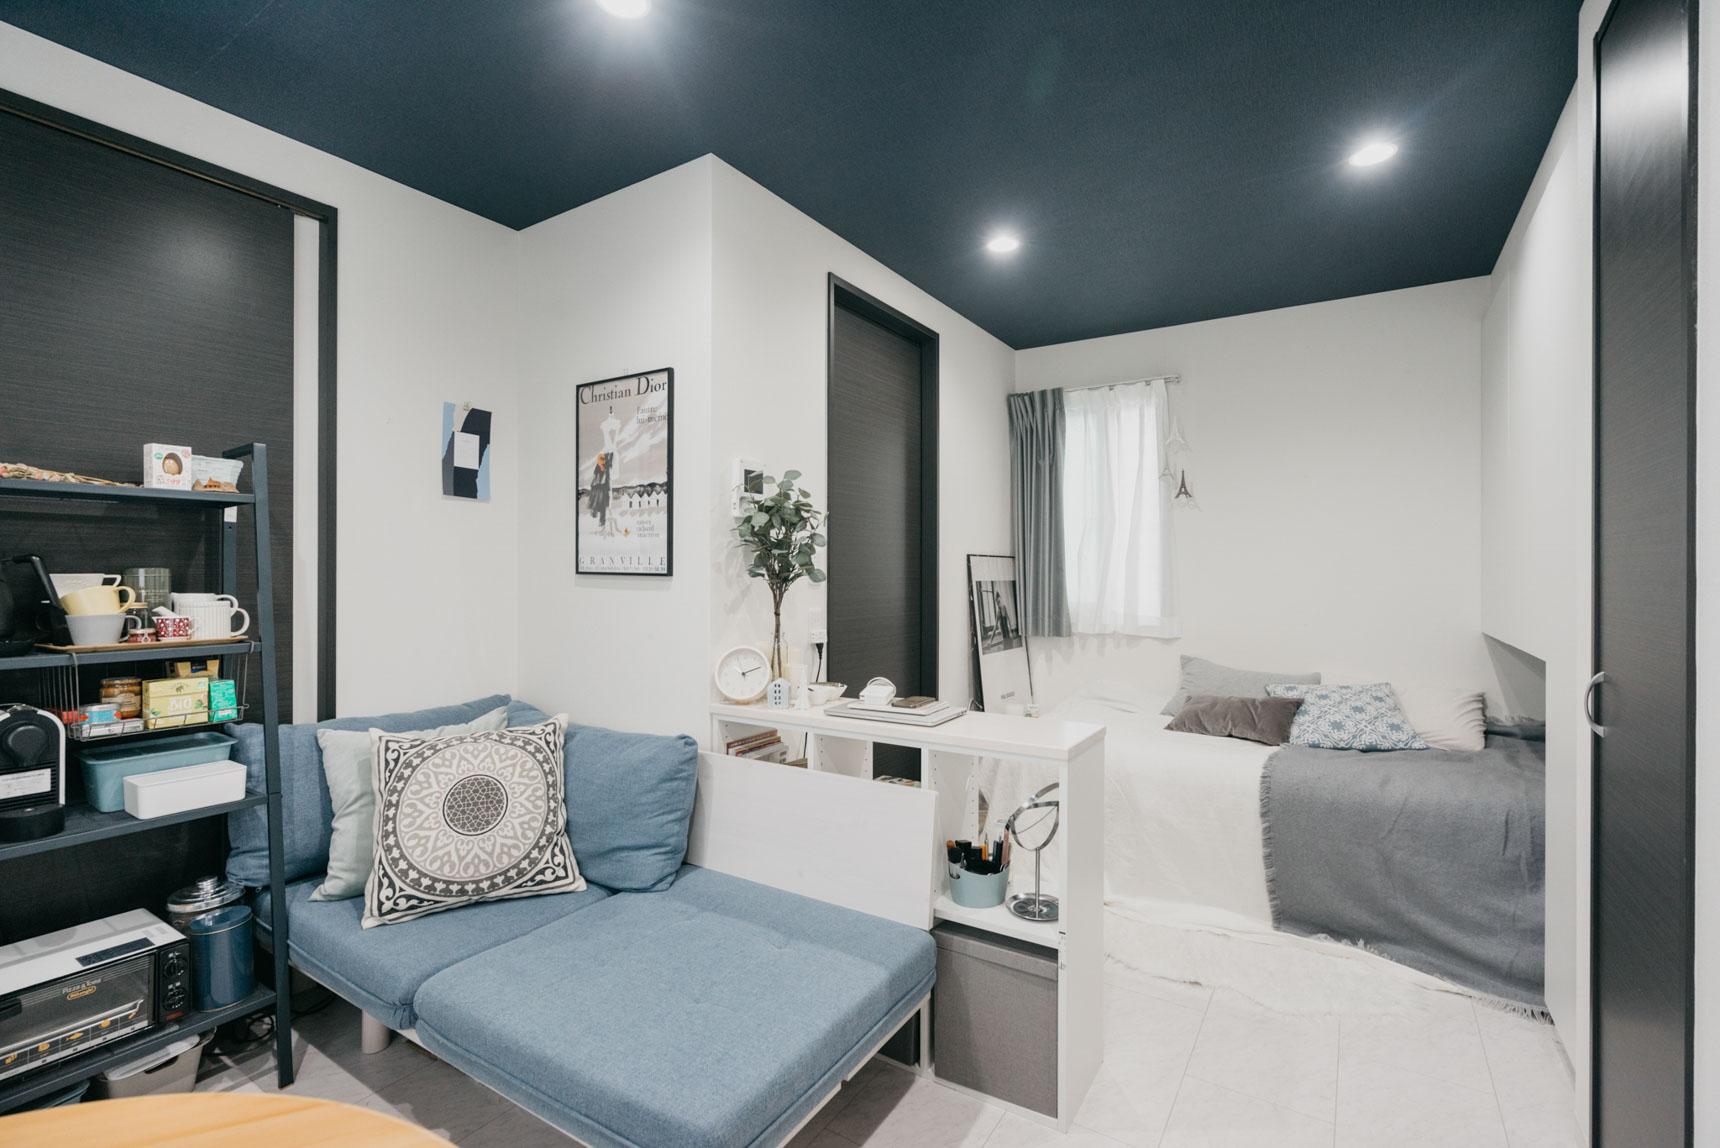 例えばこちらのお部屋は、部屋本来のもつフローリングのホワイト、扉のブラックなどモノトーンカラーをベースに、ブルー・グレーなどでアクセントを出しています。